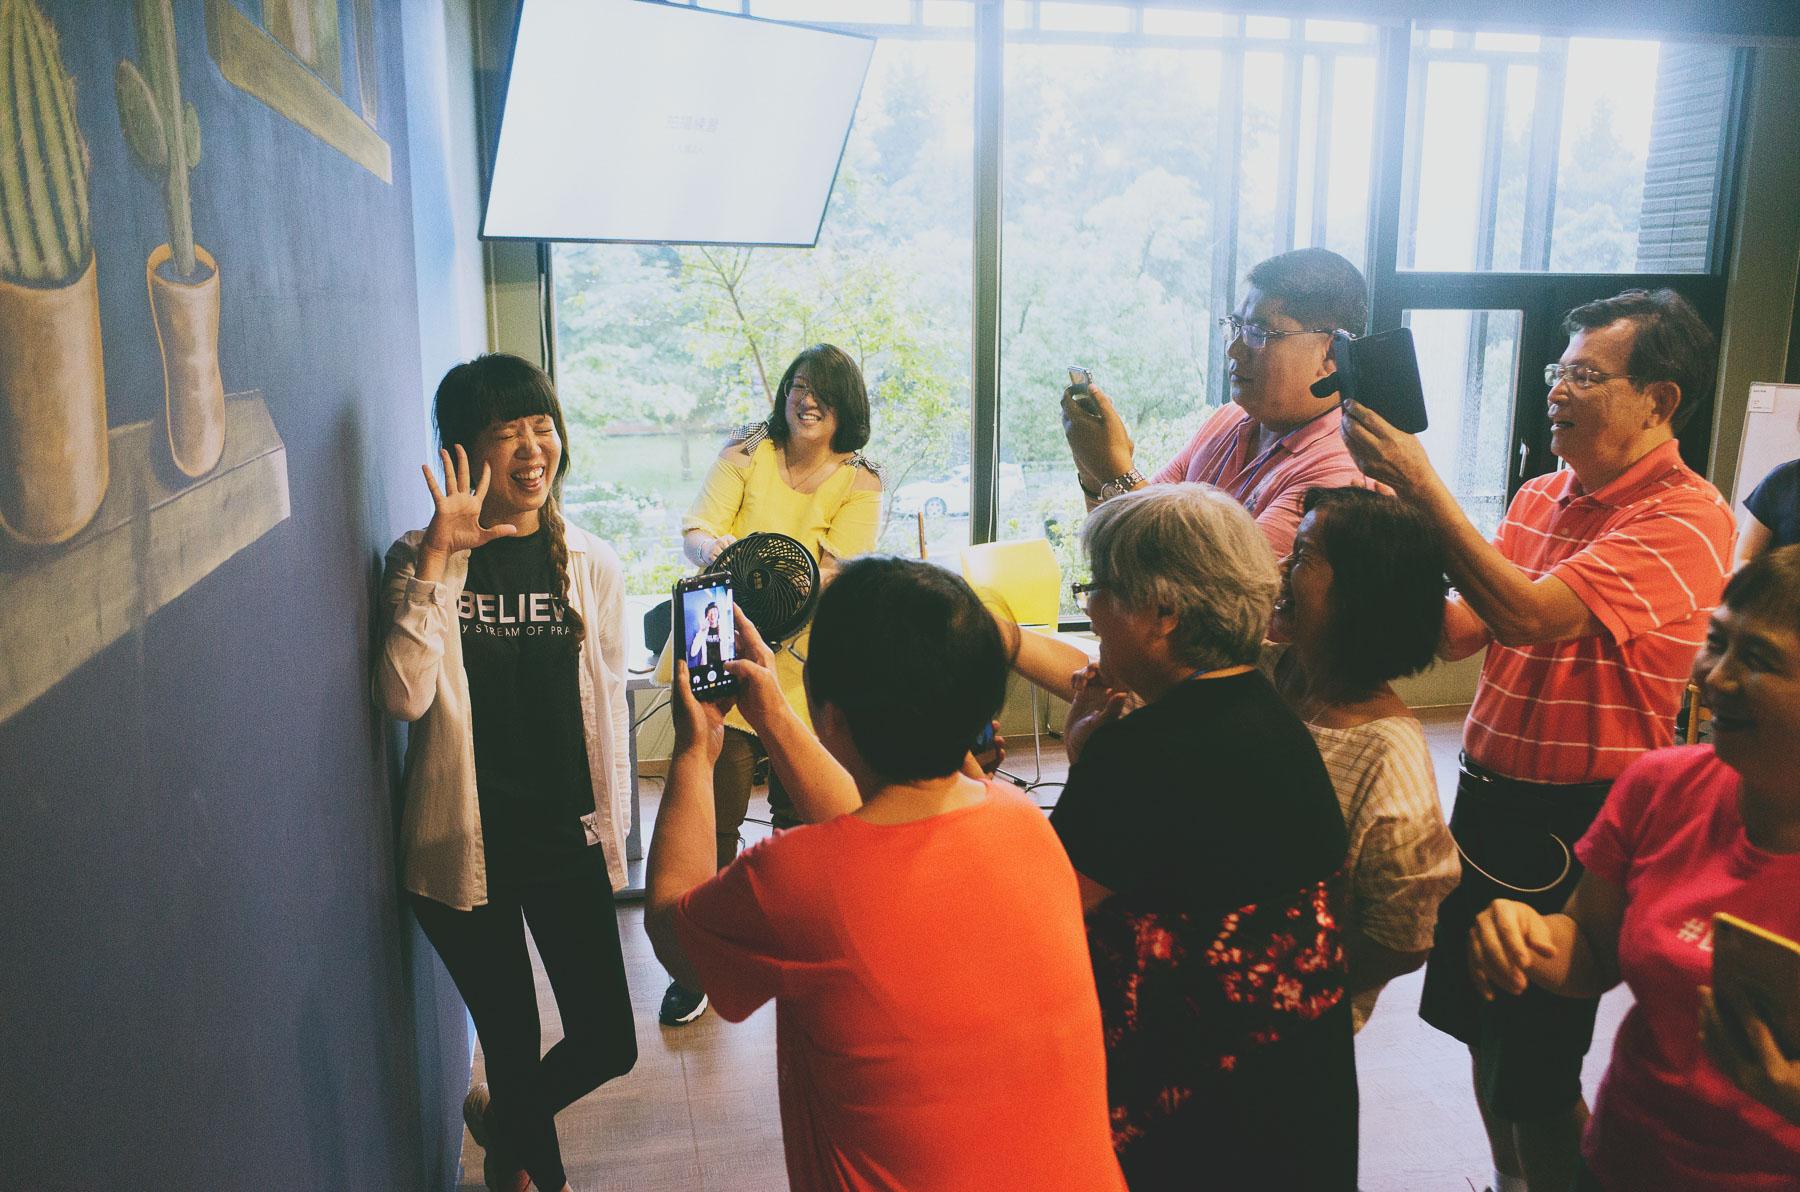 手機攝影教學,手機拍照教學,台北,新北,北大卓越行道會,學而文創咖啡